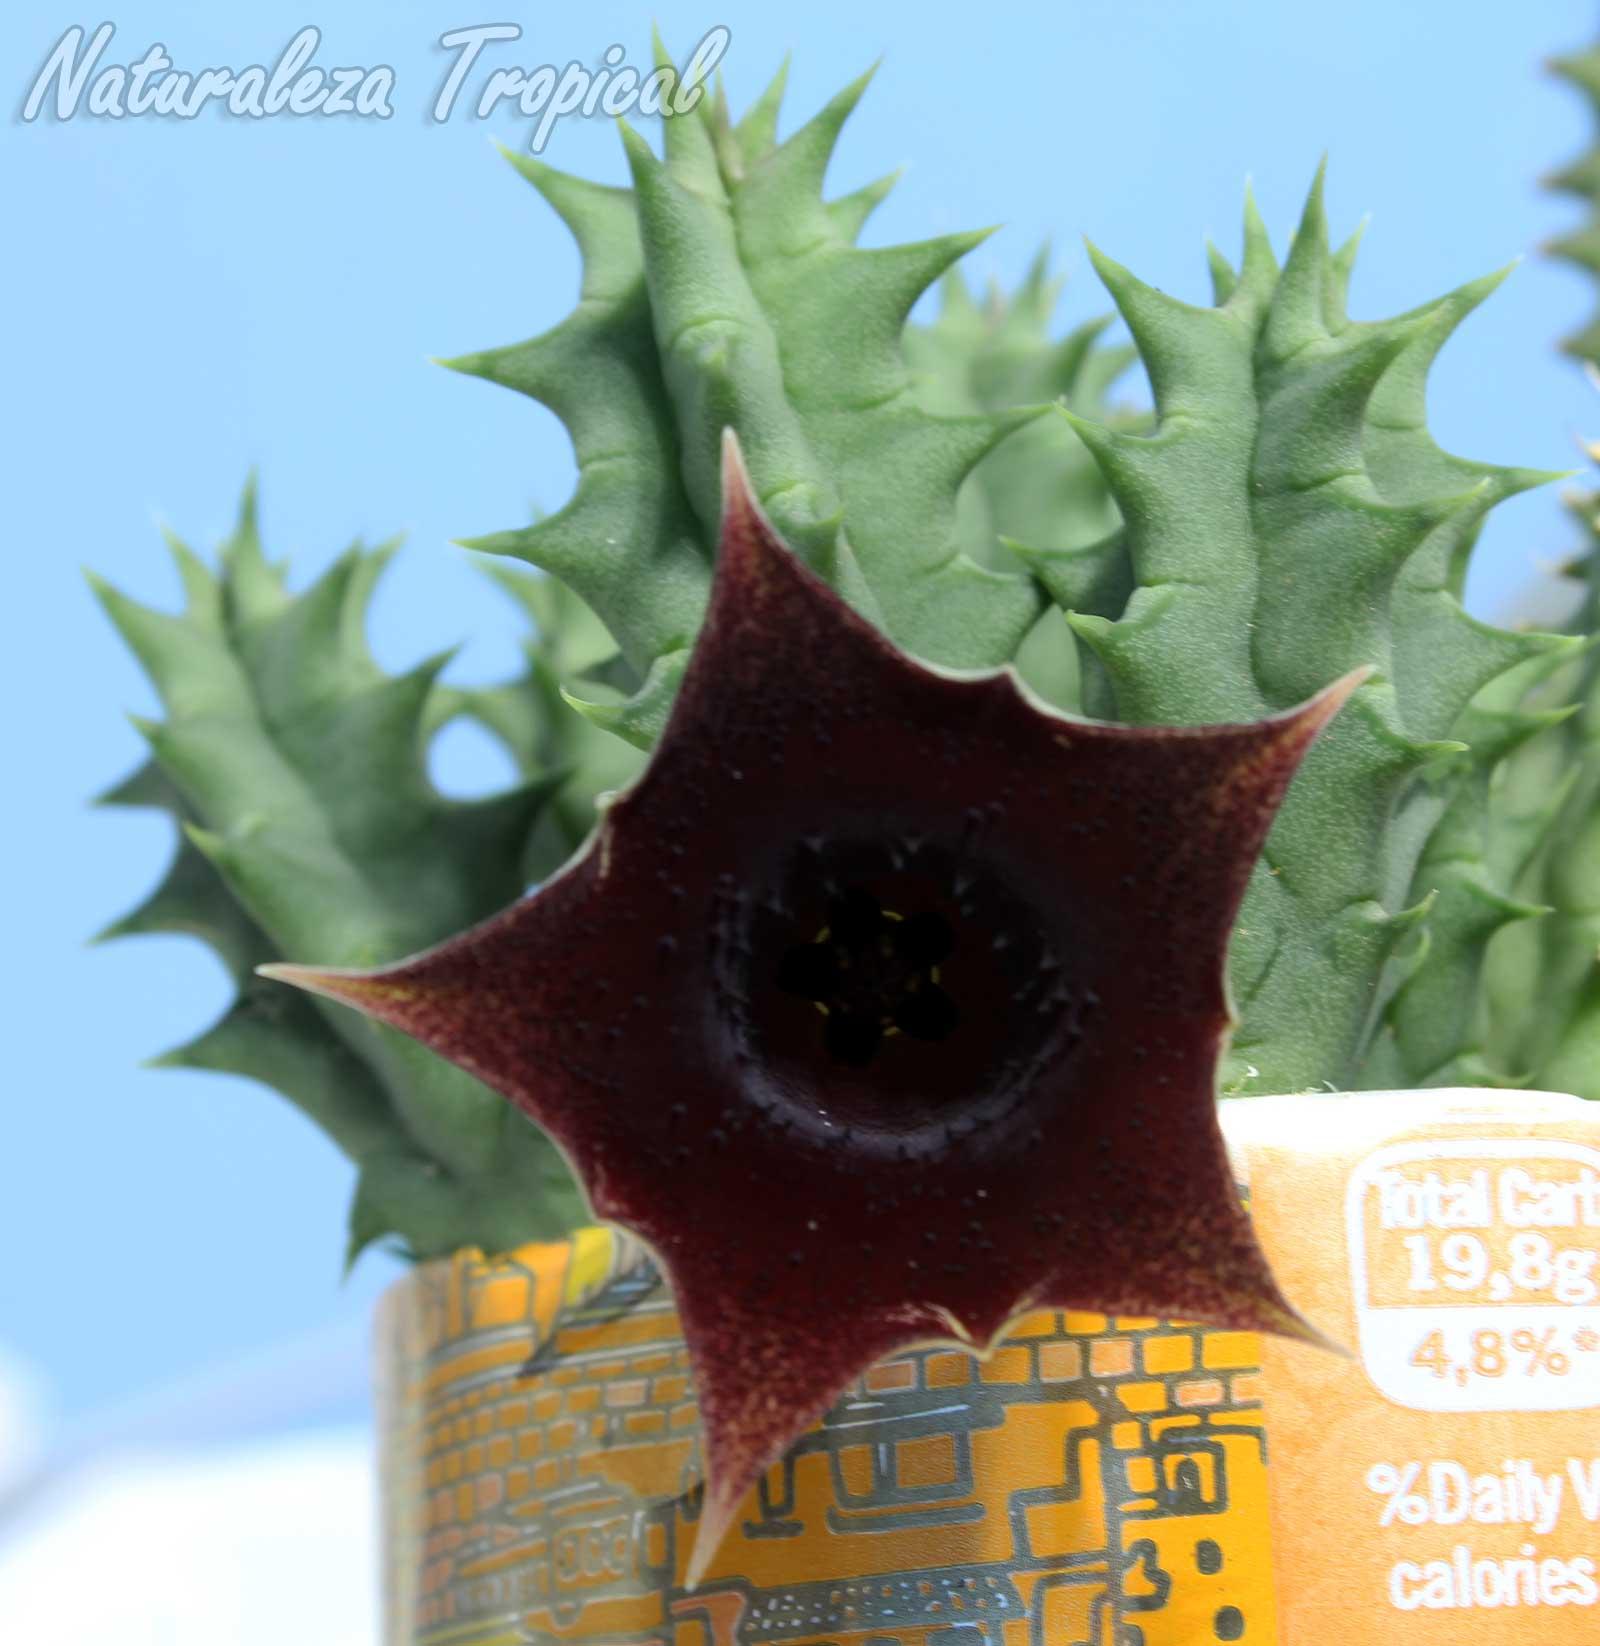 Vista de la flor y tallos de este híbrido del género Huernia